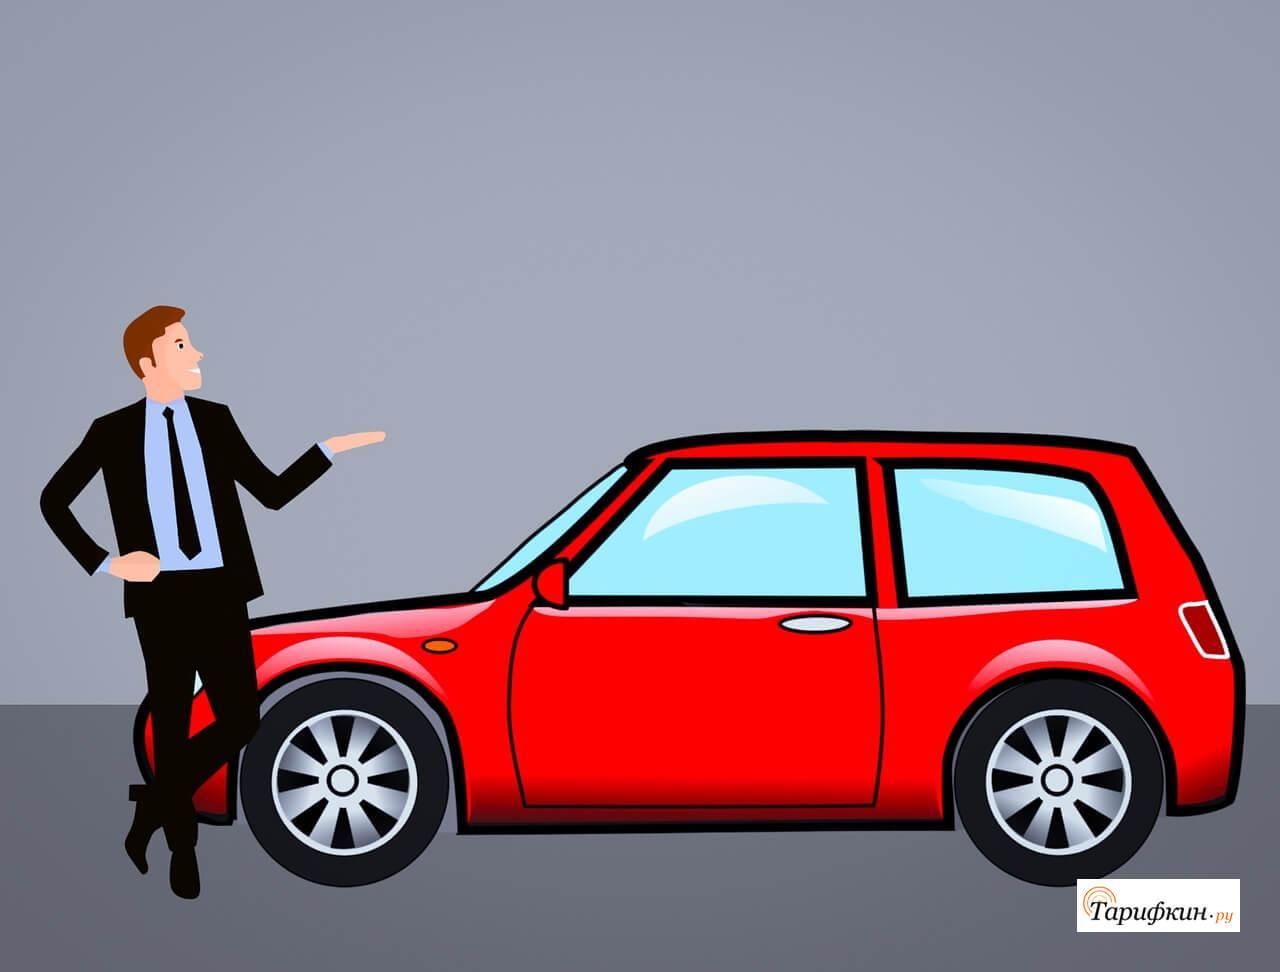 Сбербанк будет продавать авто онлайн